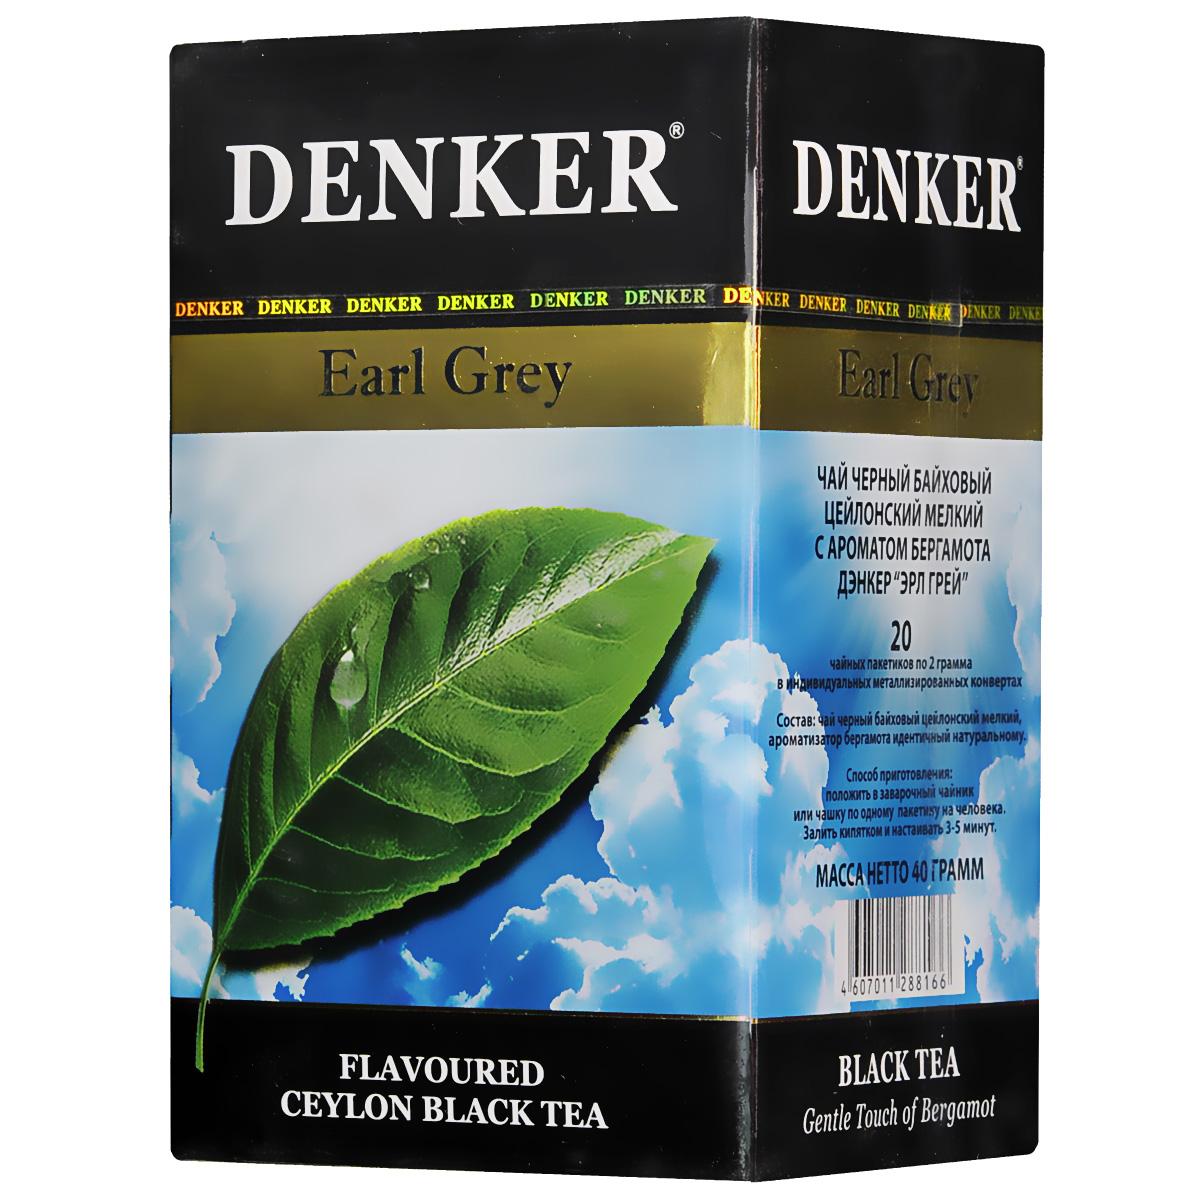 Denker Earl Grey черный ароматизированный чай в пакетиках, 20 шт0878-09Чай Denker Earl Grey - это превосходно сбалансированный купаж с изысканным вкусами и тончайшим ароматом бергамота, тропического фрукта, который усиливает освежающее действие великолепного черного цейлонского чая, подчеркивая его неповторимые природные достоинства. Этот бодрящий напиток с легкими цитрусовыми нотками в послевкусии прекрасно подходит для чаепития в любое время.